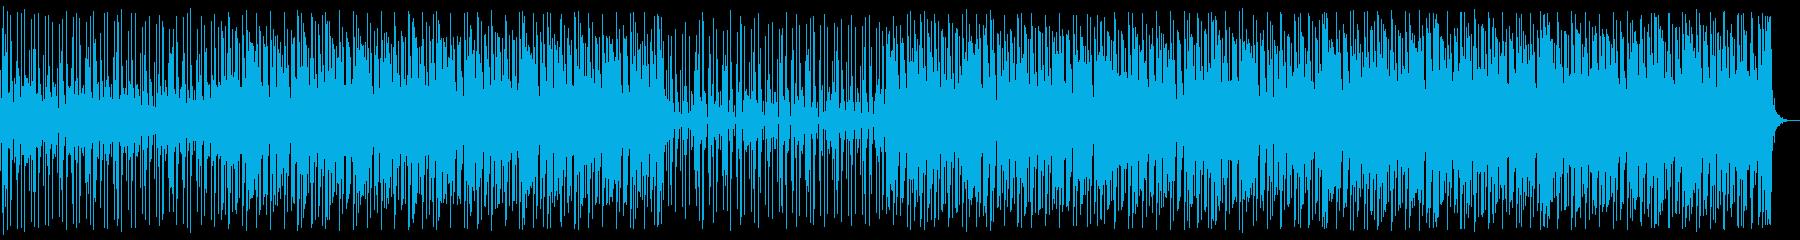 ビートの強いディープハウスNo681_1の再生済みの波形